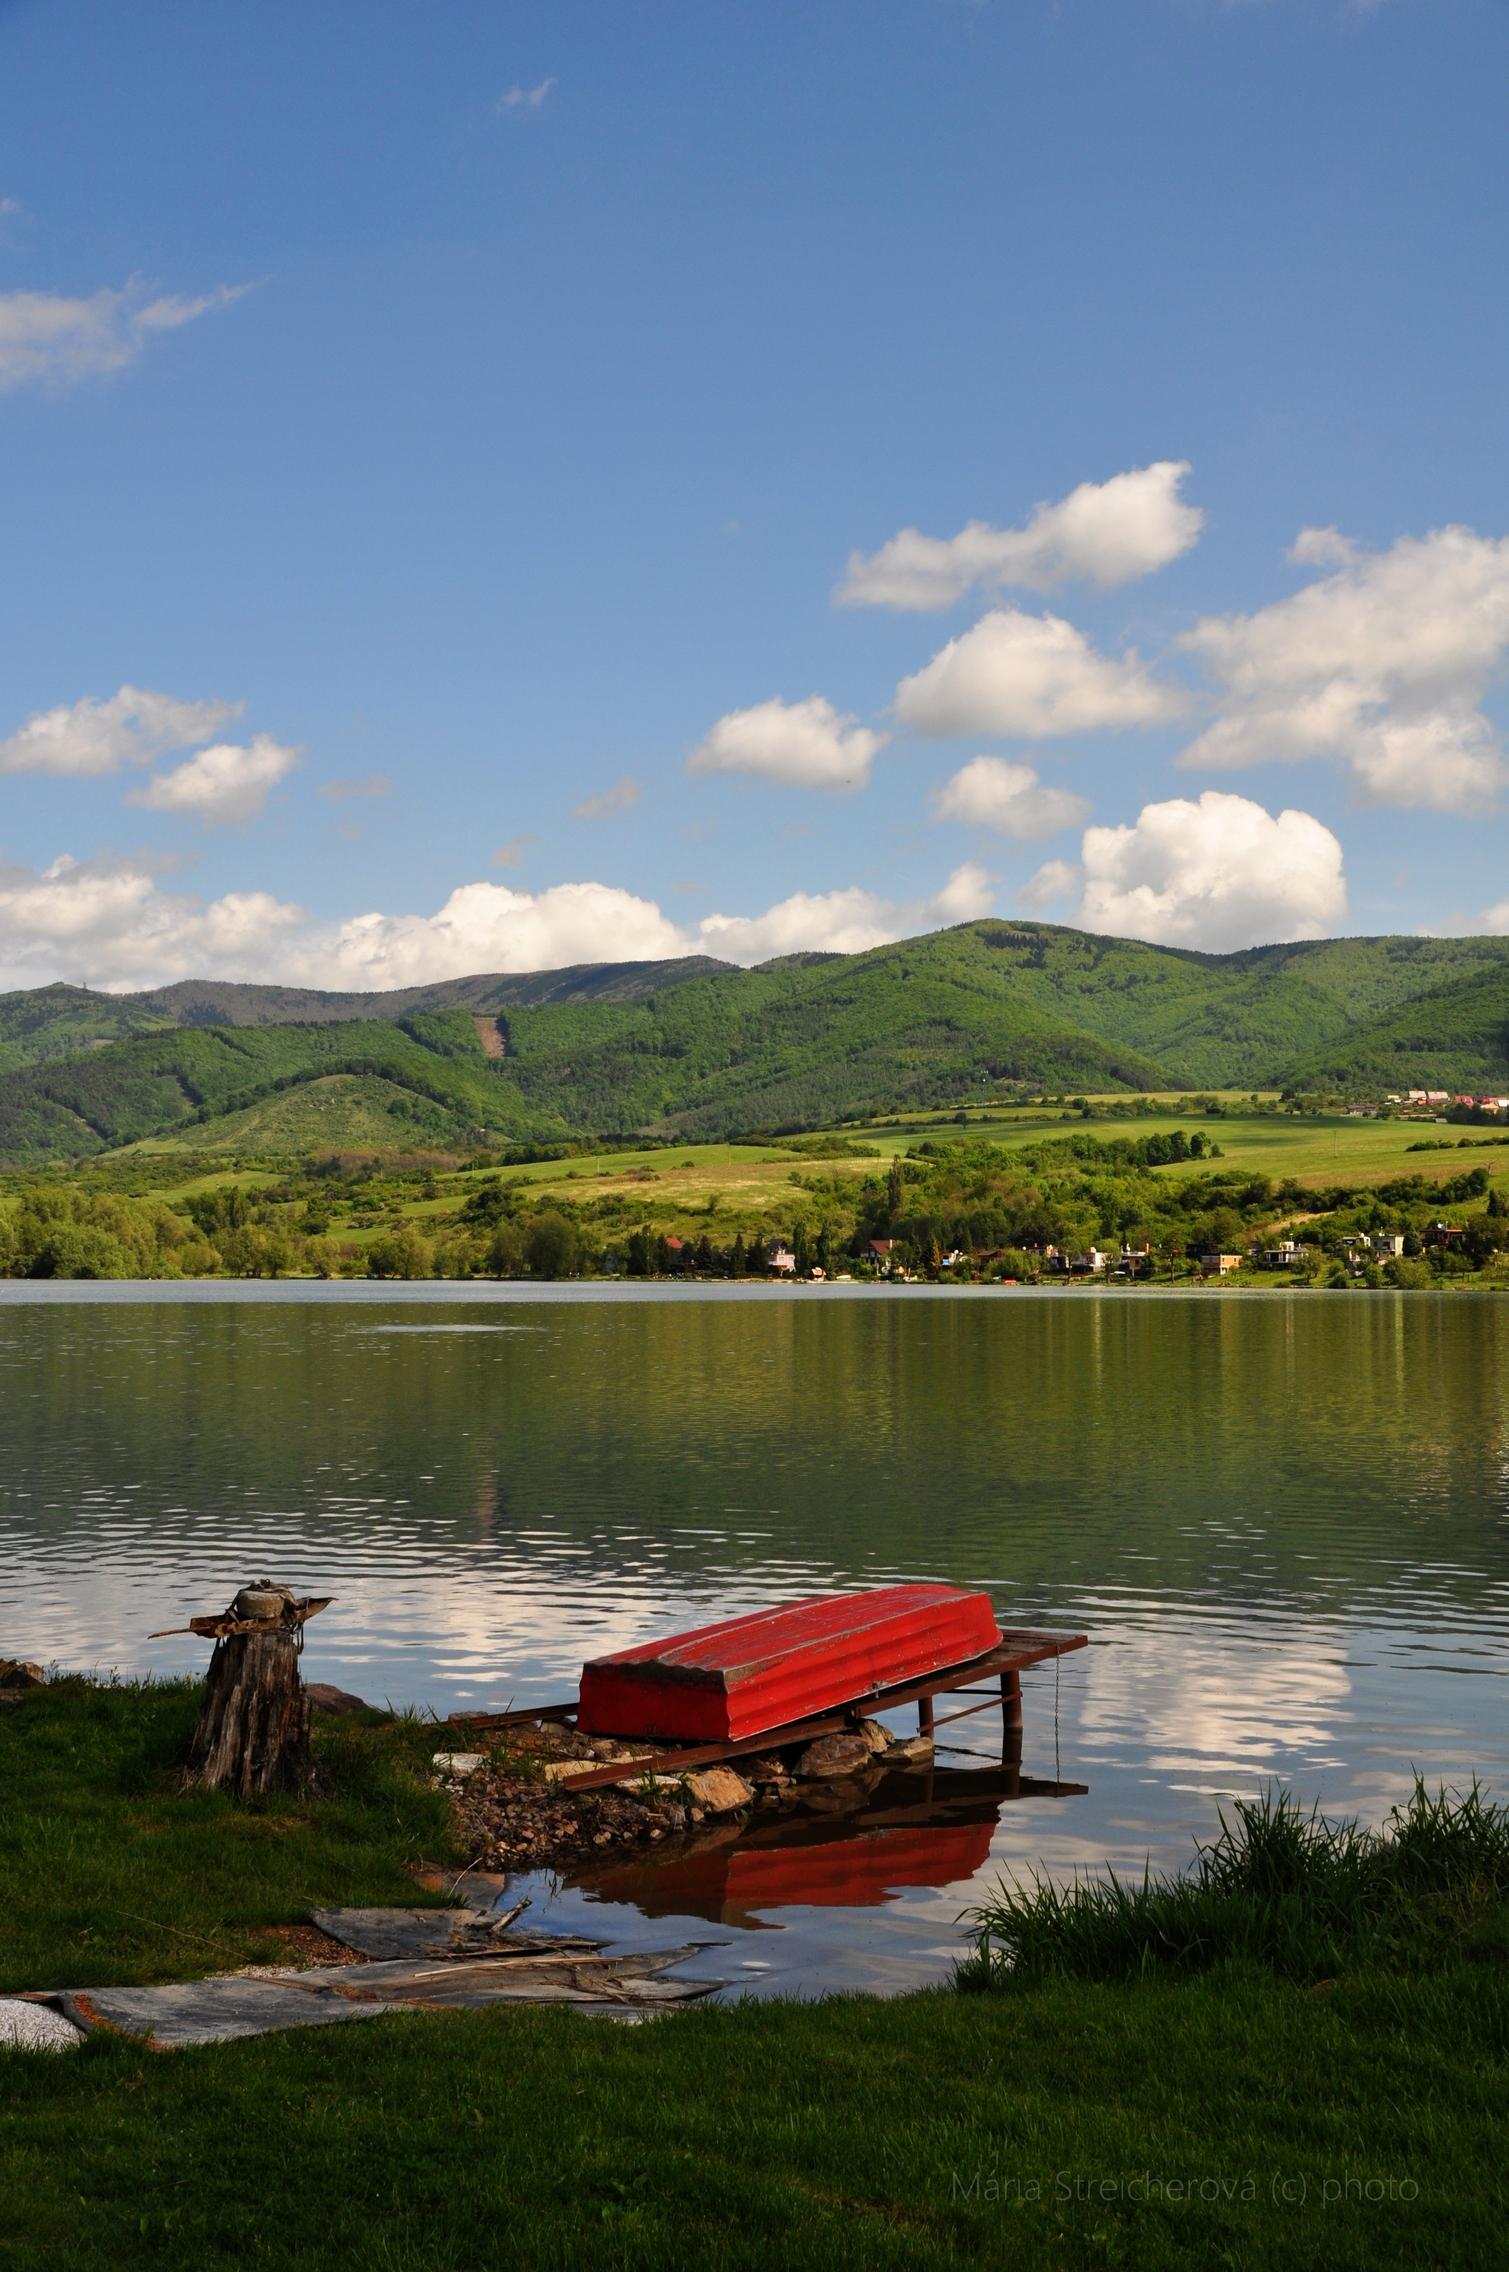 Vodná nádrž, priehrada, v májovom plnom slnku, v pozadí zeleé kopce a lúky, s modrým nebom a bielymi oblakmi. V popredí červený rybársky čln na móle, pri brehu, otočený hore dnom. Odrazy oblohy a krajiny vo vodnom zrkadle.